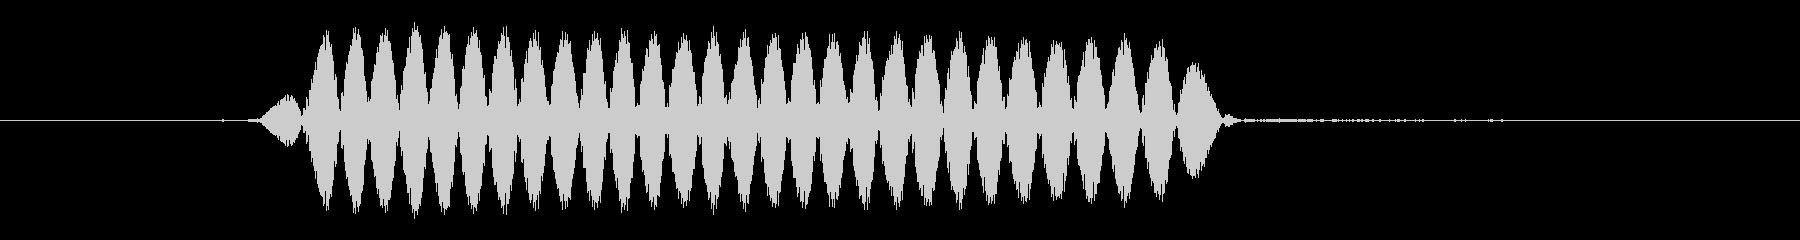 「ピッ」サッカー軽いファールの笛の未再生の波形